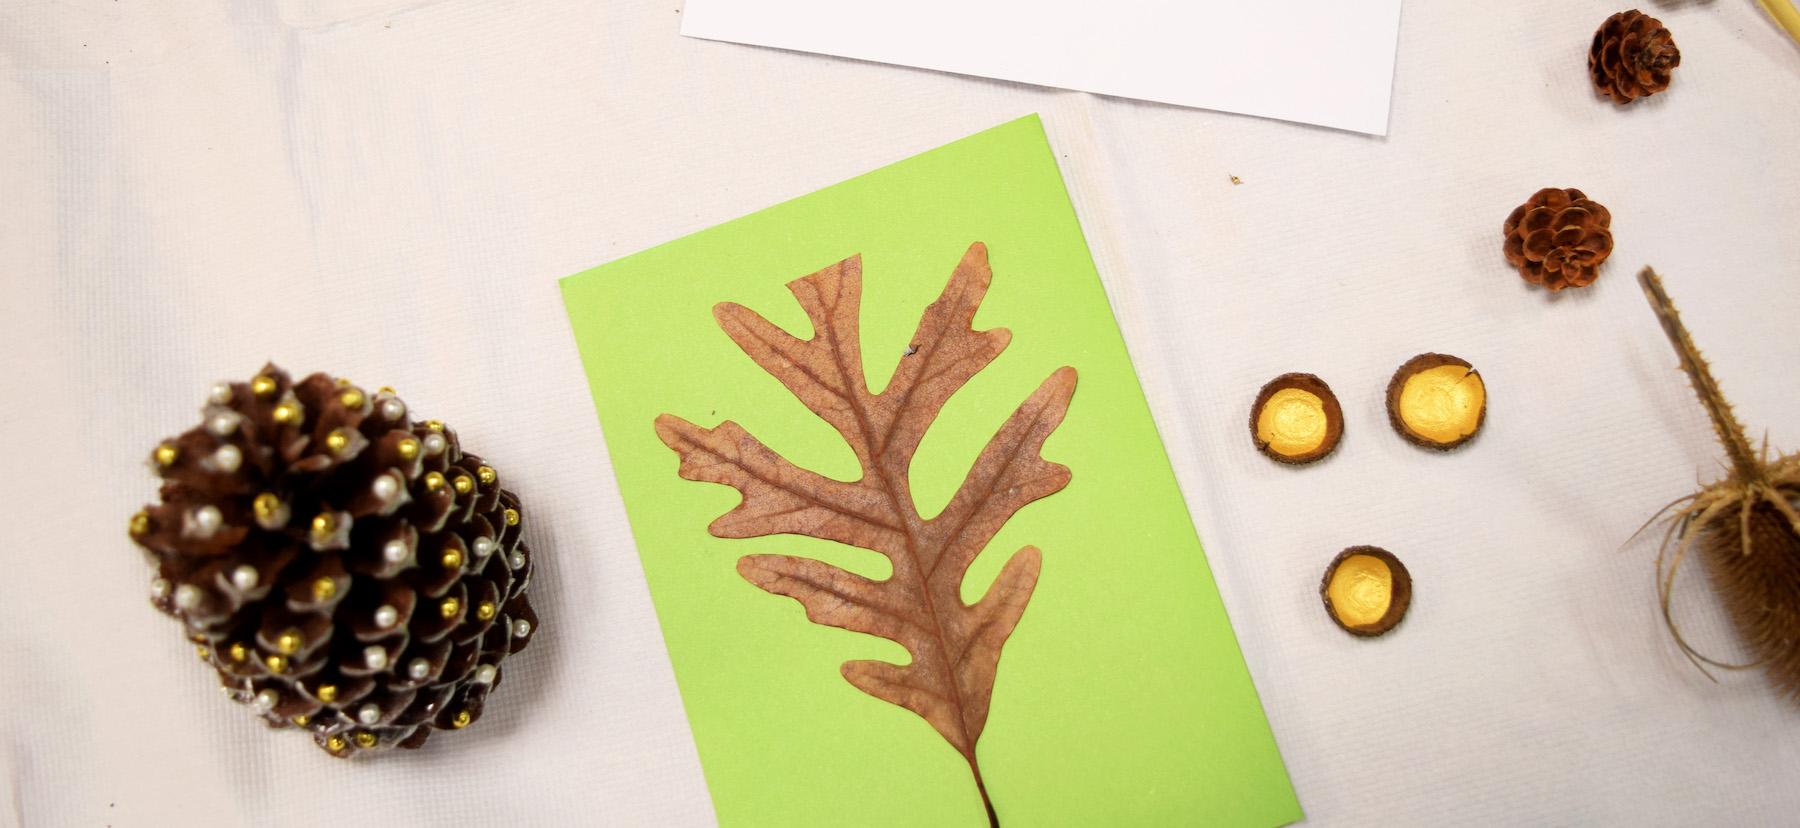 Arboretum craft workshop